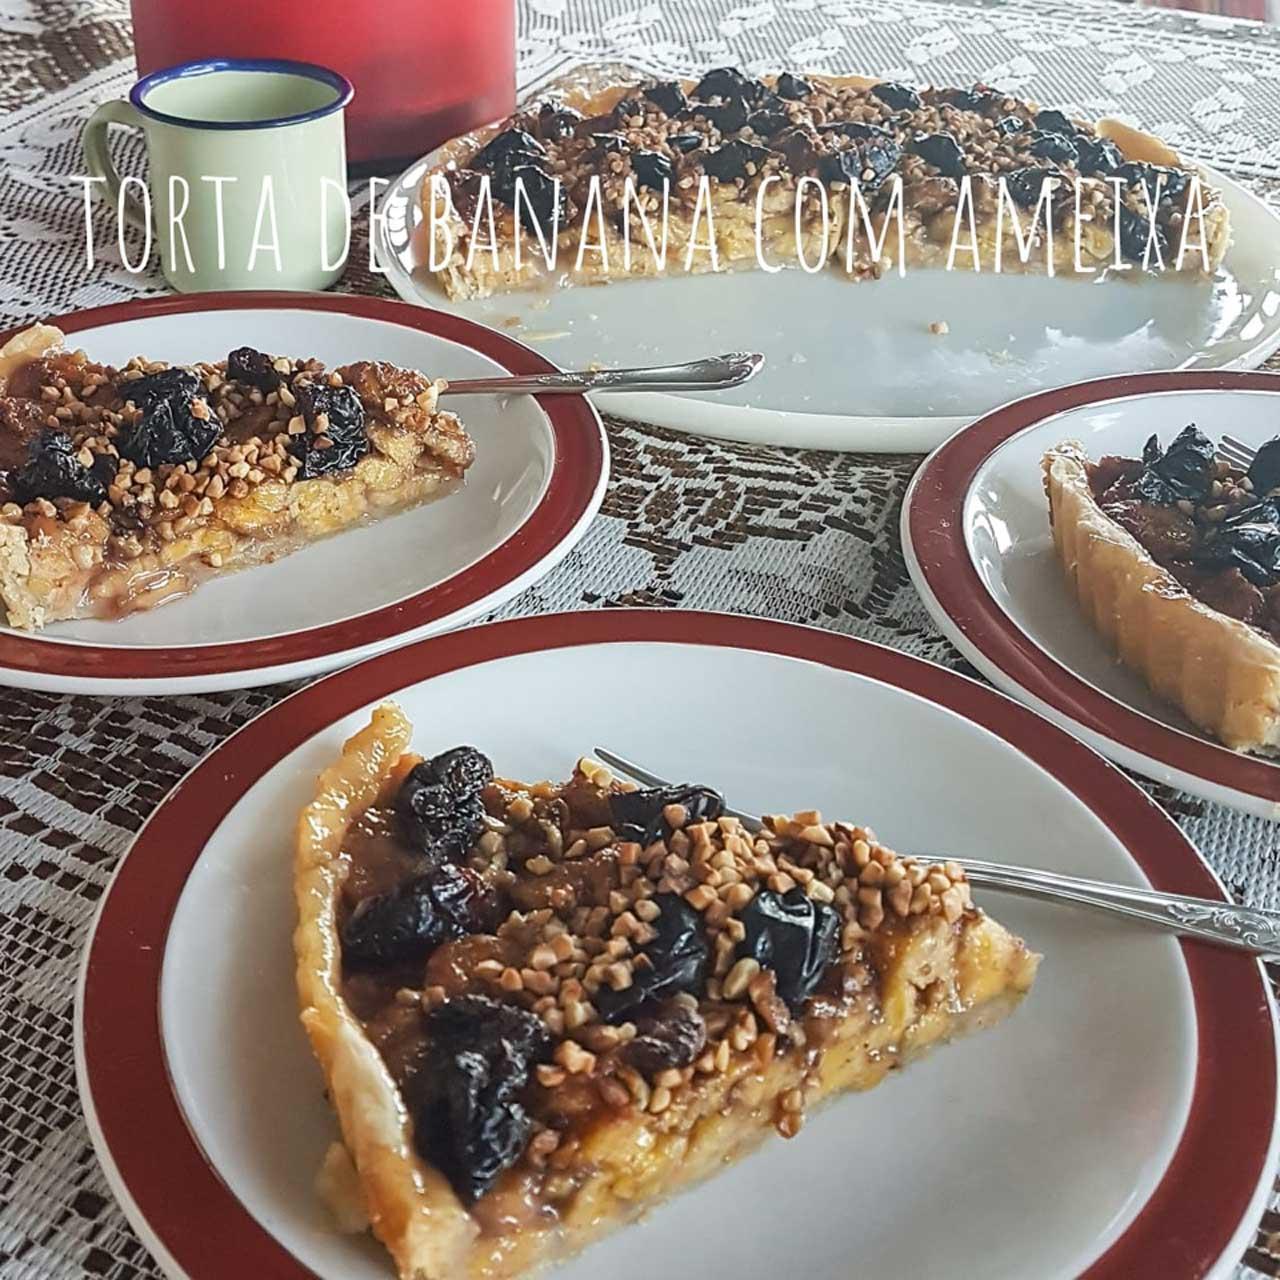 torta-de-banana-com-ameixa-00